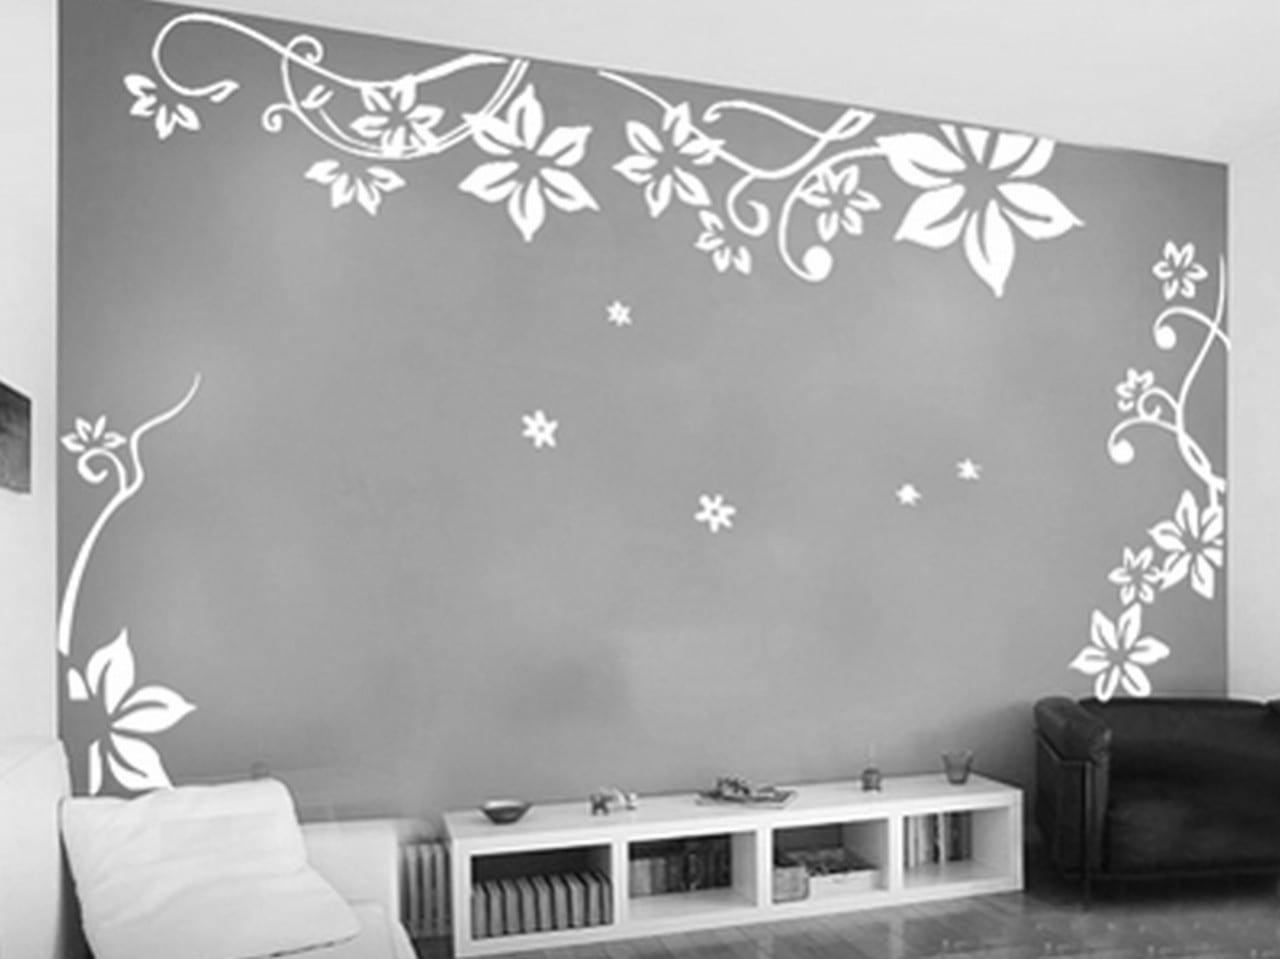 Wandtattoo Blumen In Weiss Freshouse